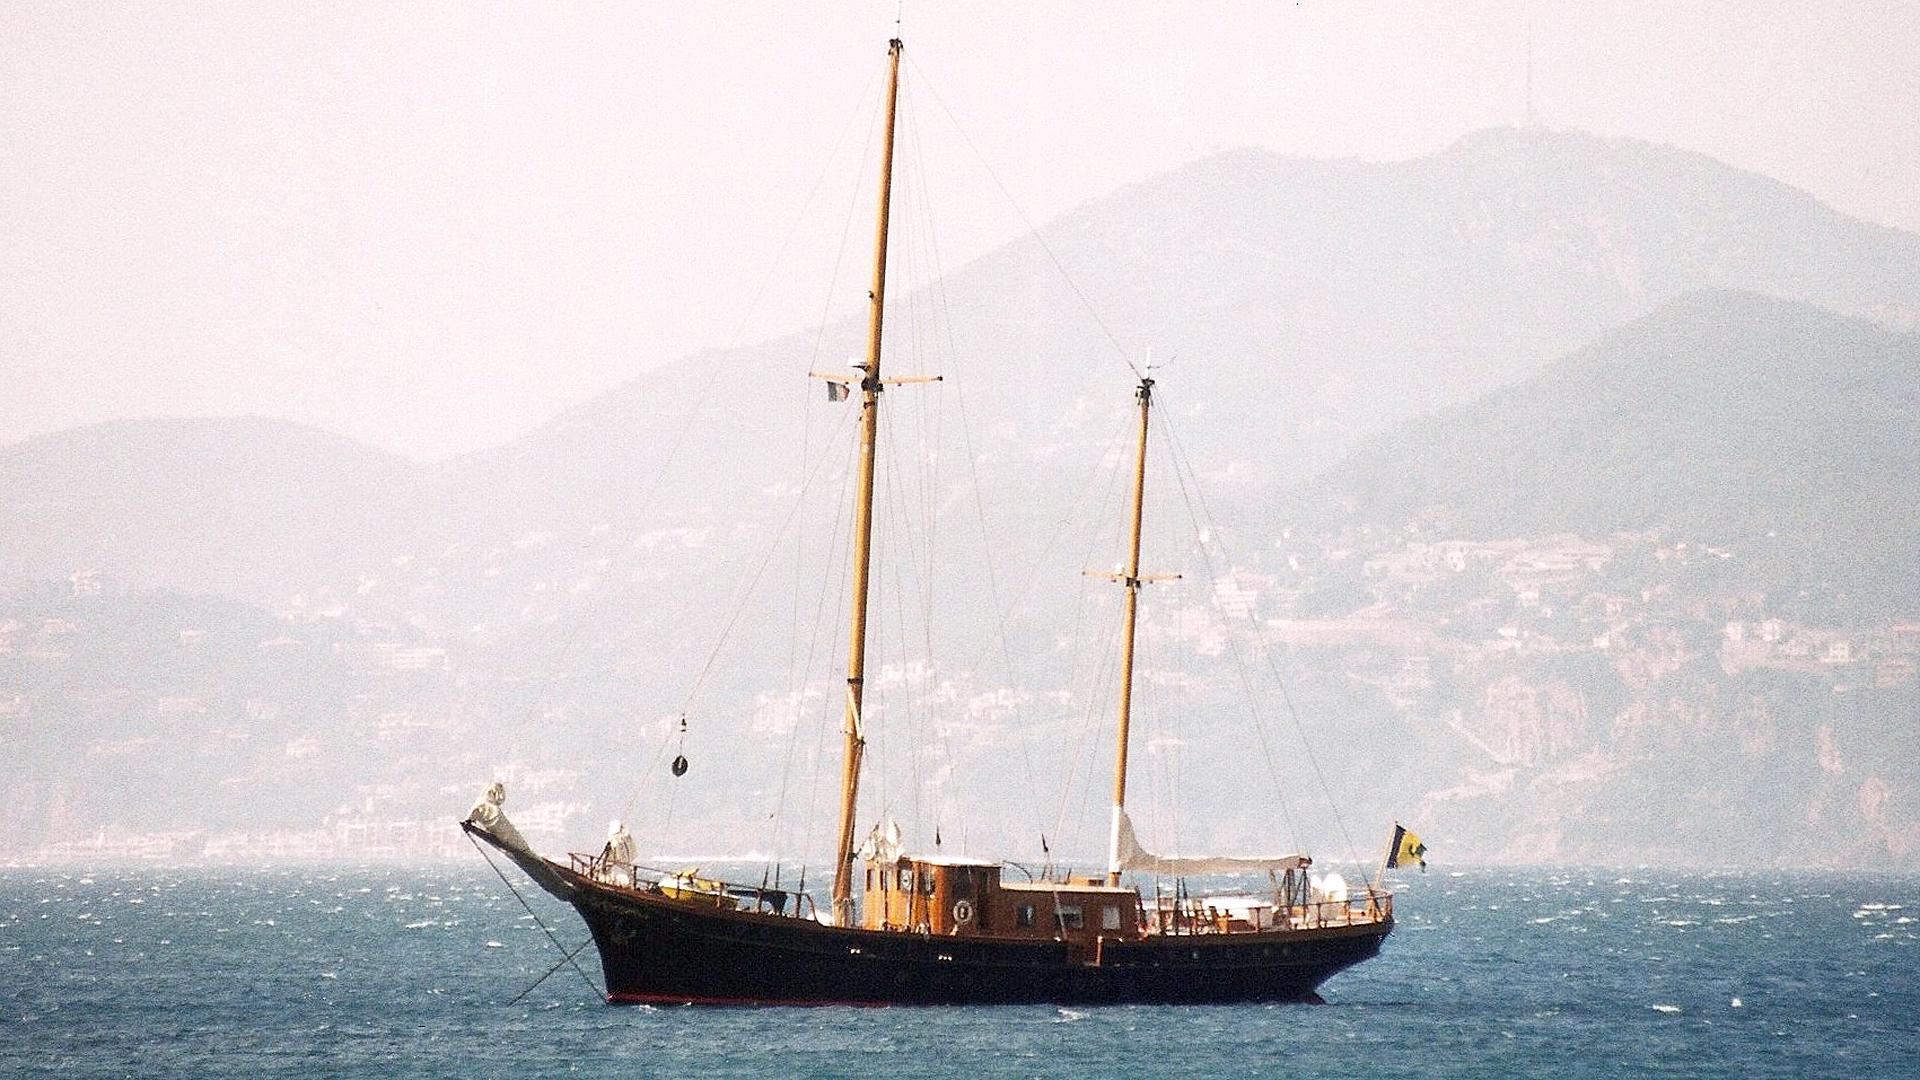 cassiopeia-sailing-ycaht-aurilia-1946-37m-profile